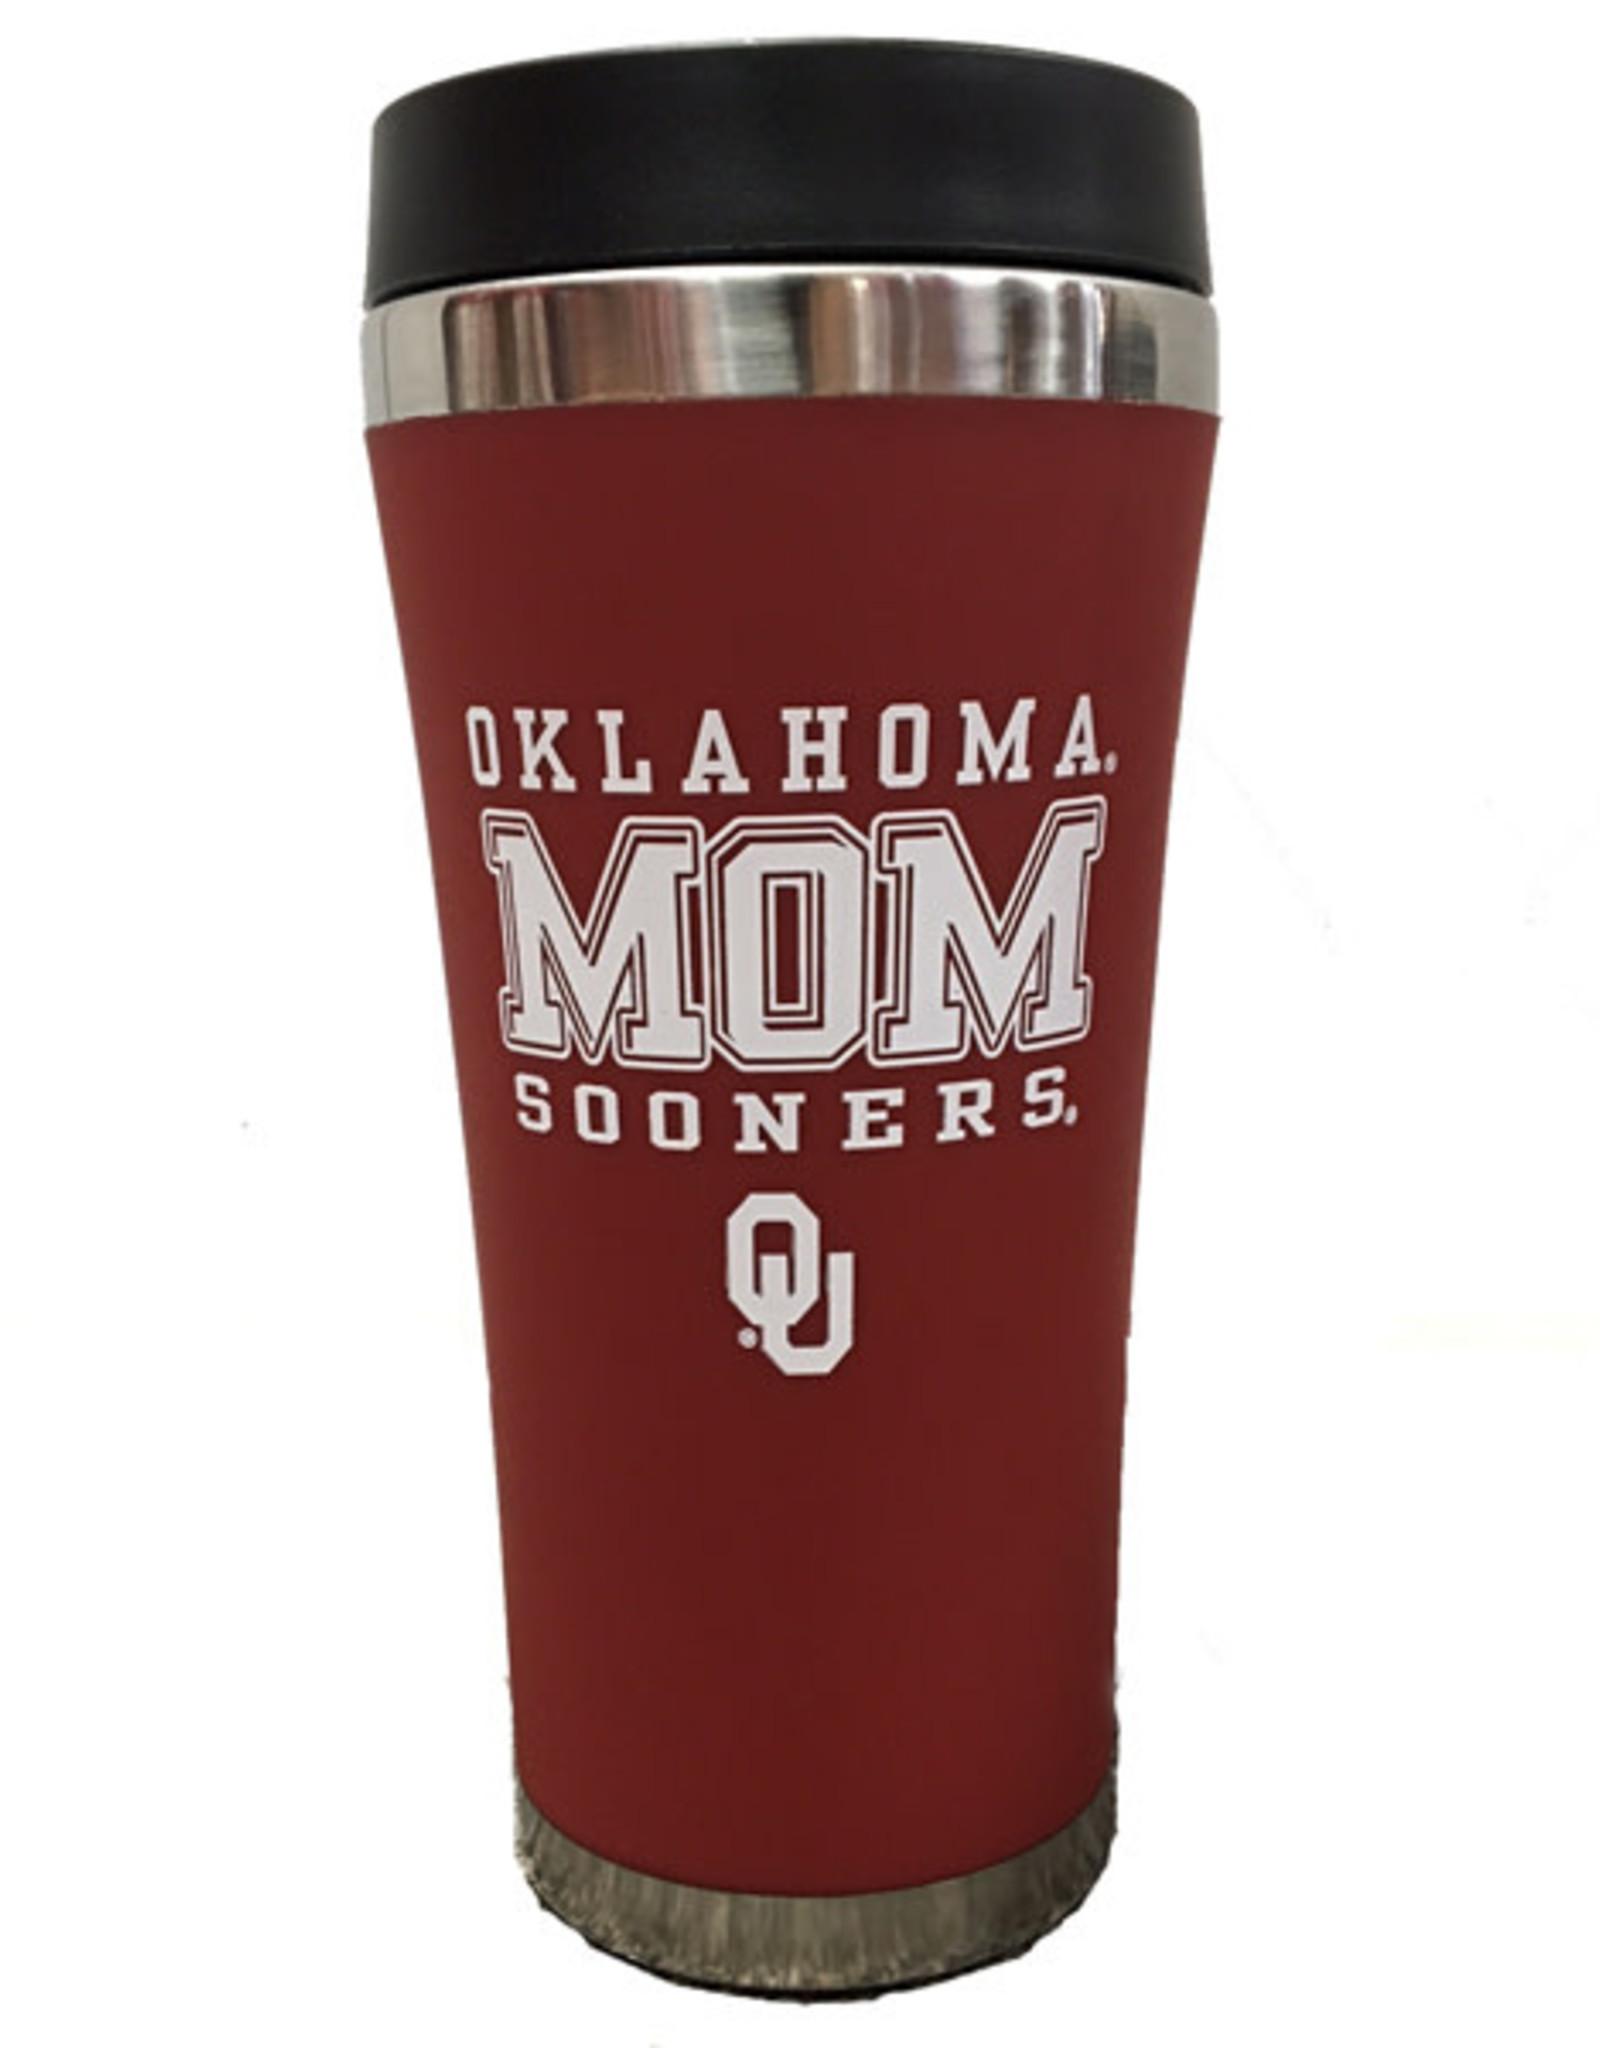 RFSJ Oklahoma Mom Travel Mug 16oz